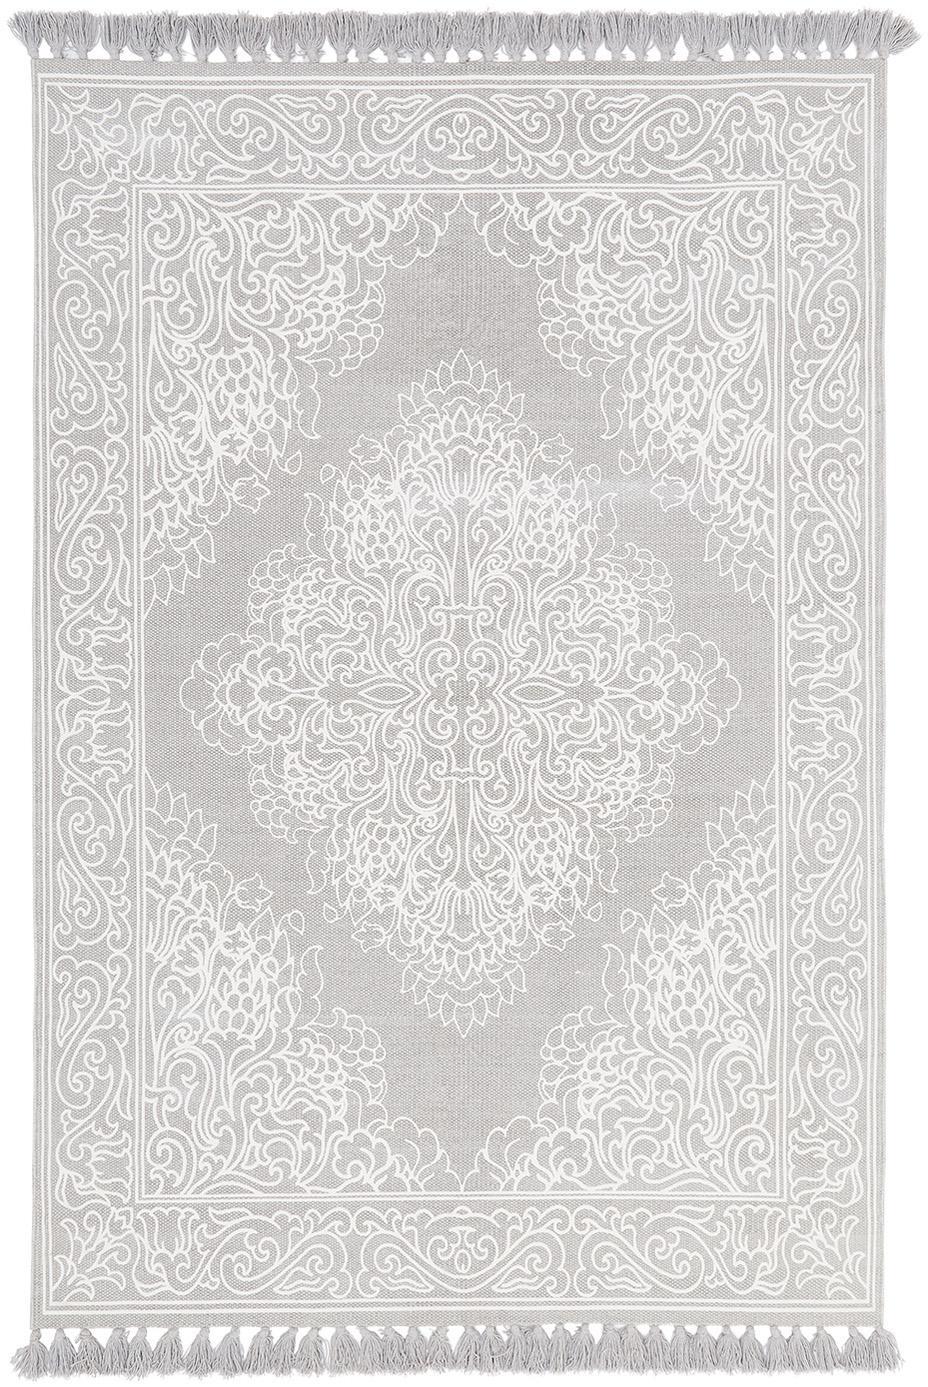 Tappeto in cotone tessuto a mano Salima, 100% cotone, Grigio chiaro, bianco crema, Larg. 50 x Lung. 80 cm (taglia XXS)